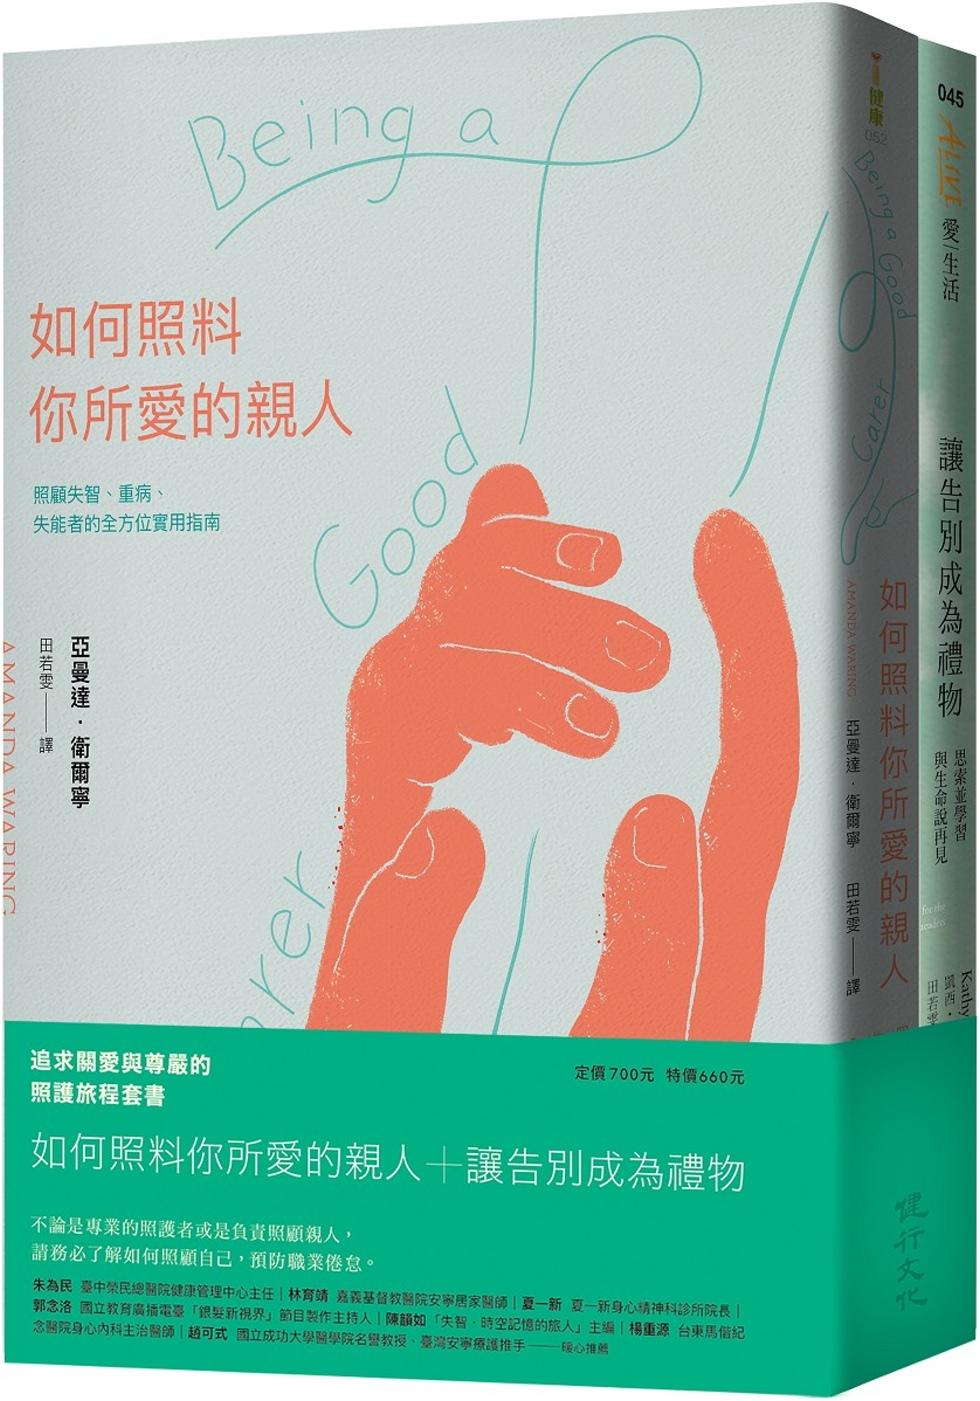 追求關愛與尊嚴的照護旅程套書(...